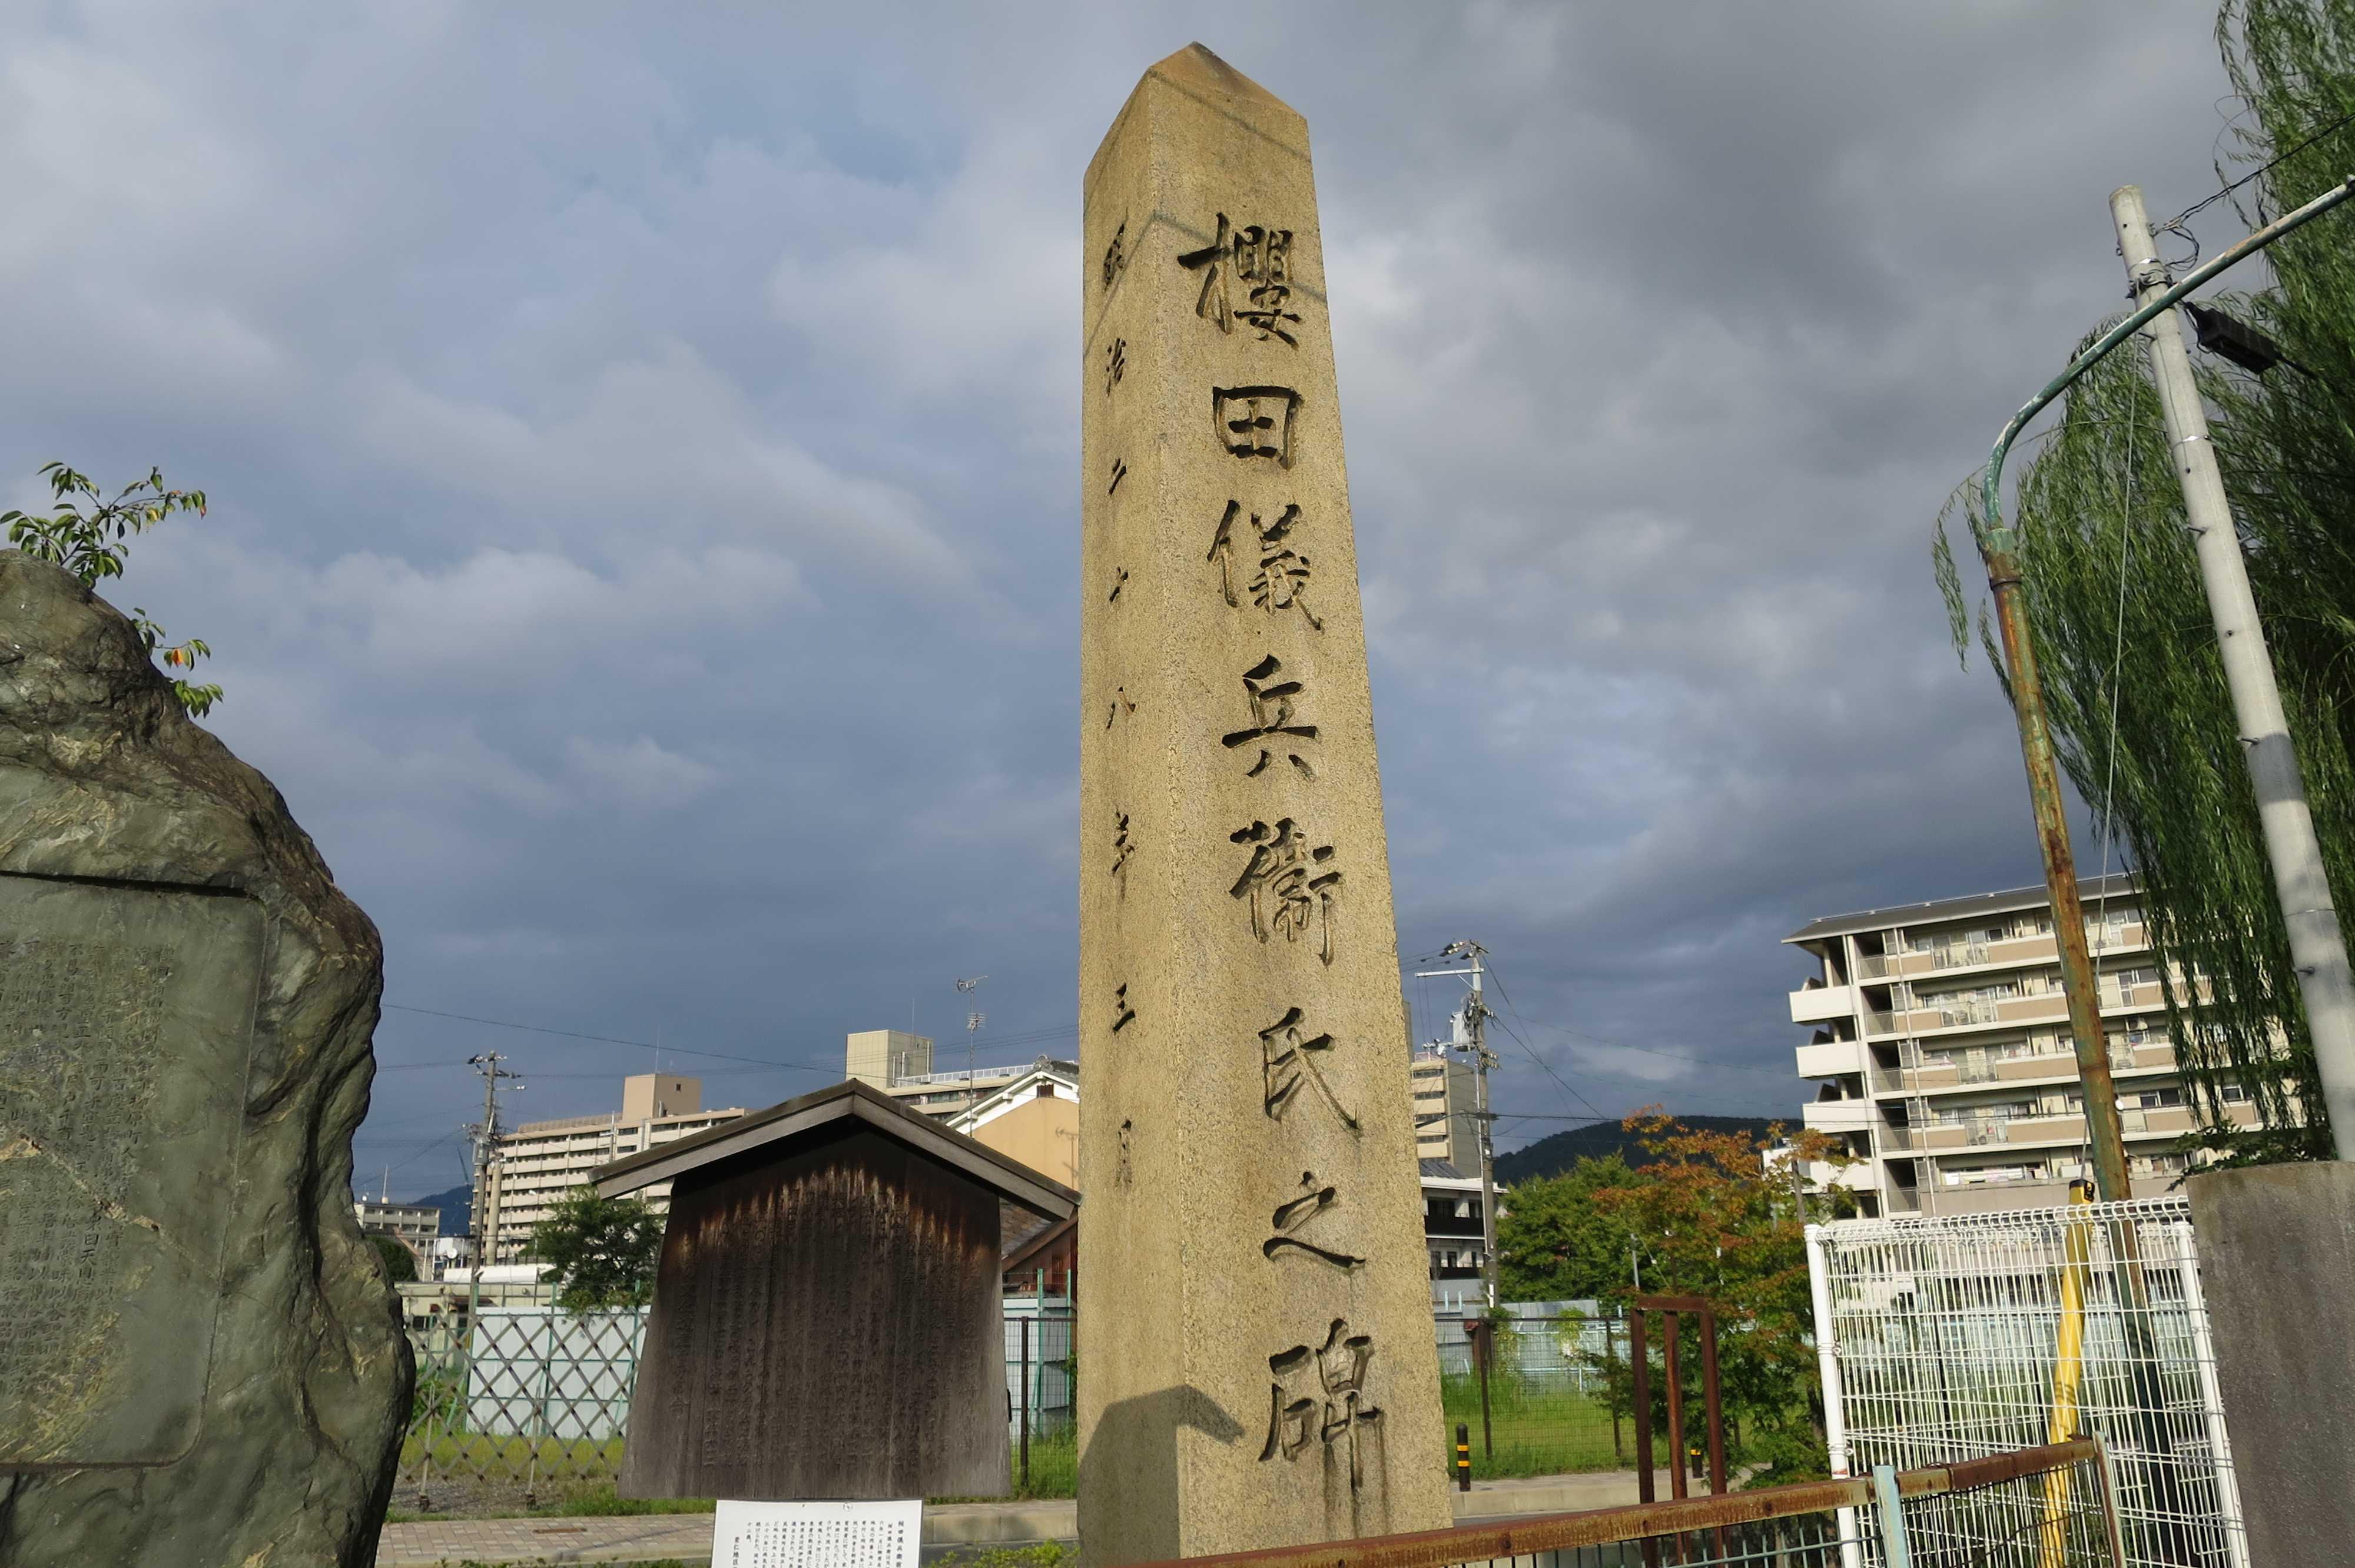 京都・崇仁地区 - 桜田儀兵衛氏の碑